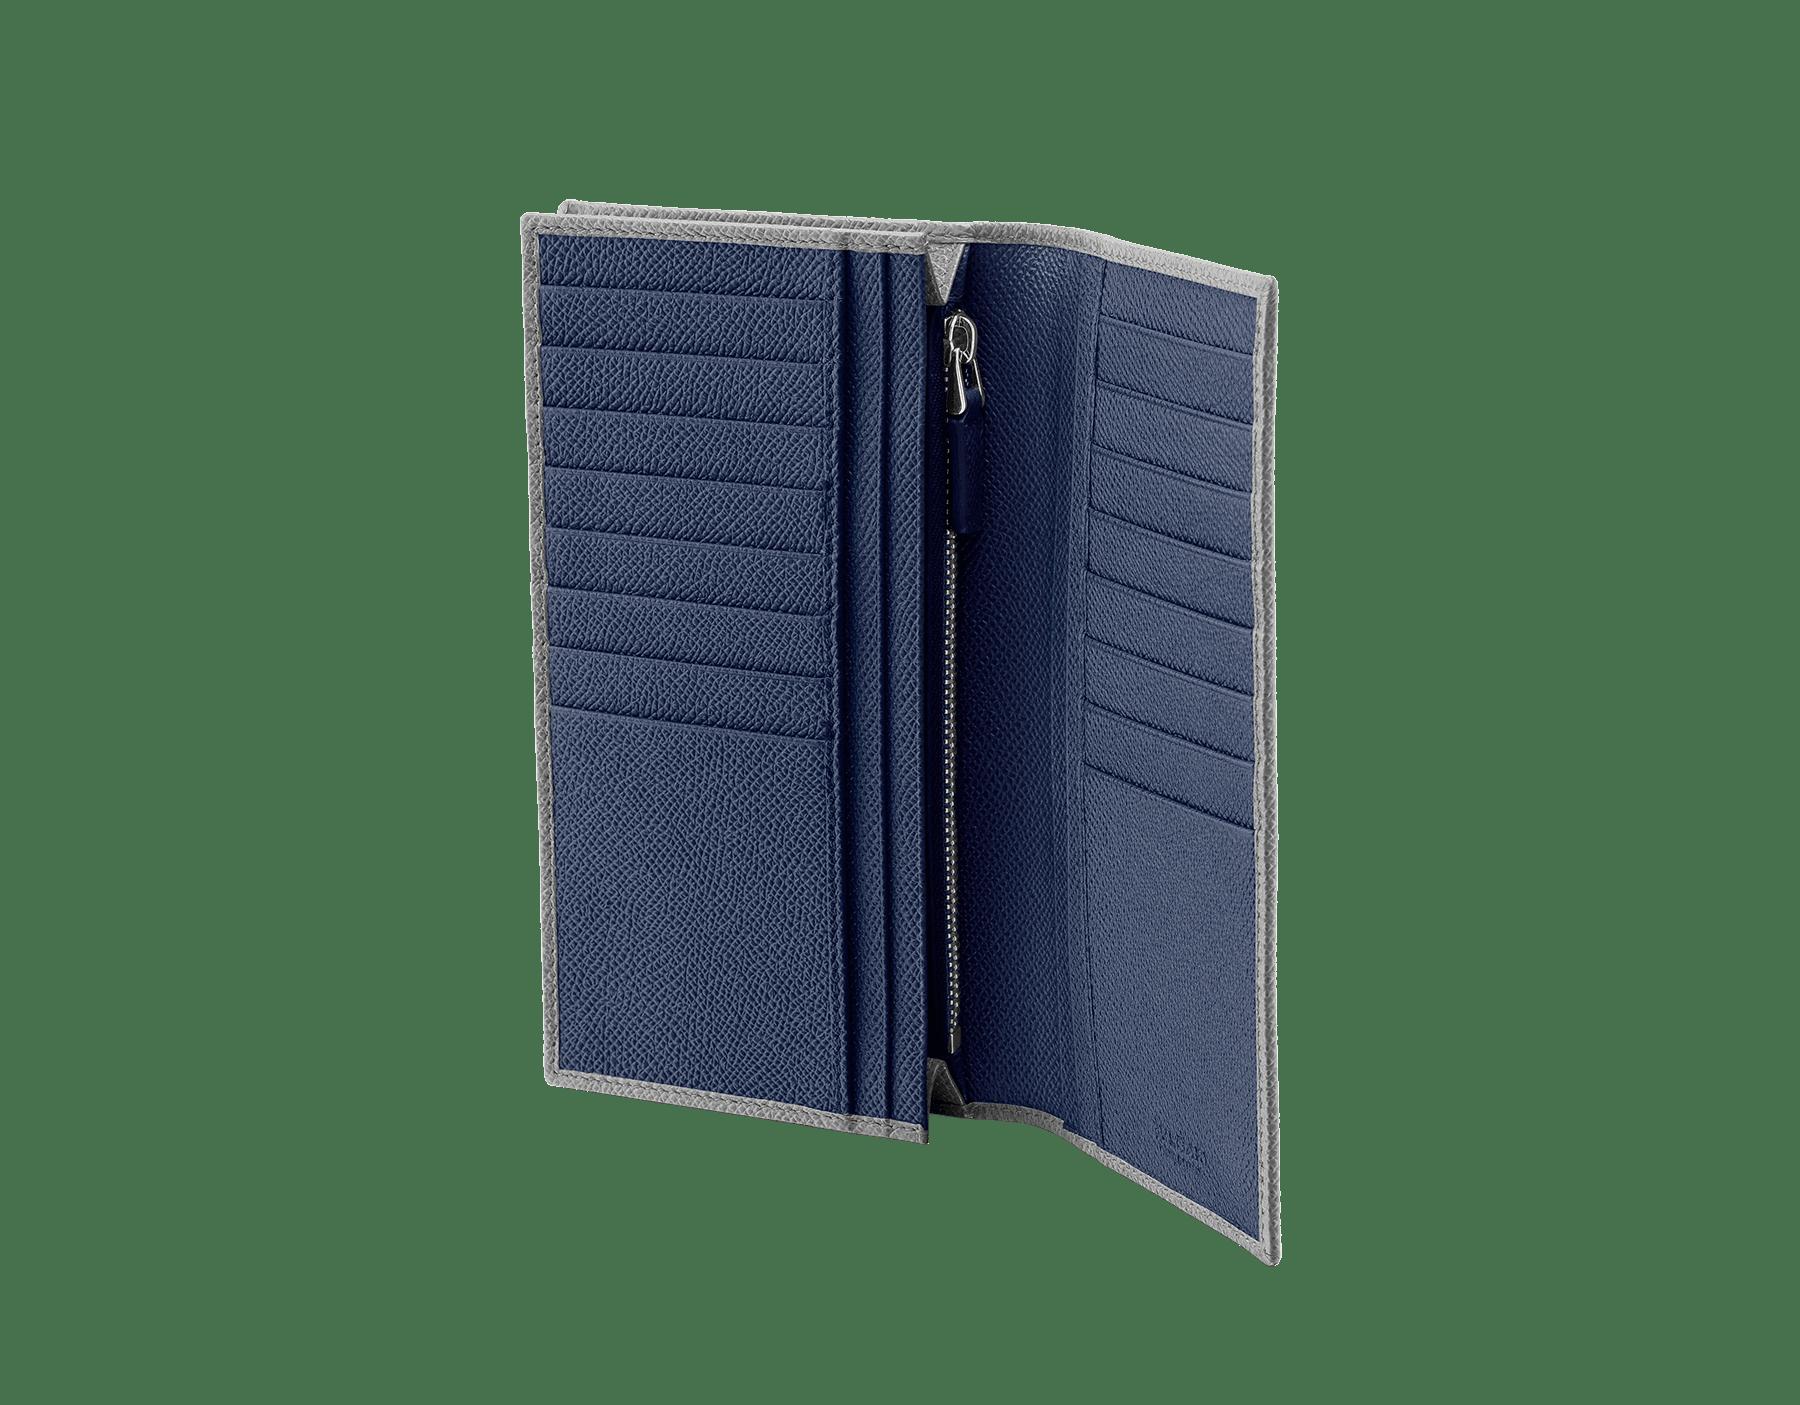 プルトストーングレーとデニムサファイアブルーのグレインカーフレザー製「ブルガリ・ブルガリ」ラージウォレット。 パラジウムプレートブラス製のアイコニックなロゴの装飾。 BBM-WLT-Y-ZP-16C-gcl image 2